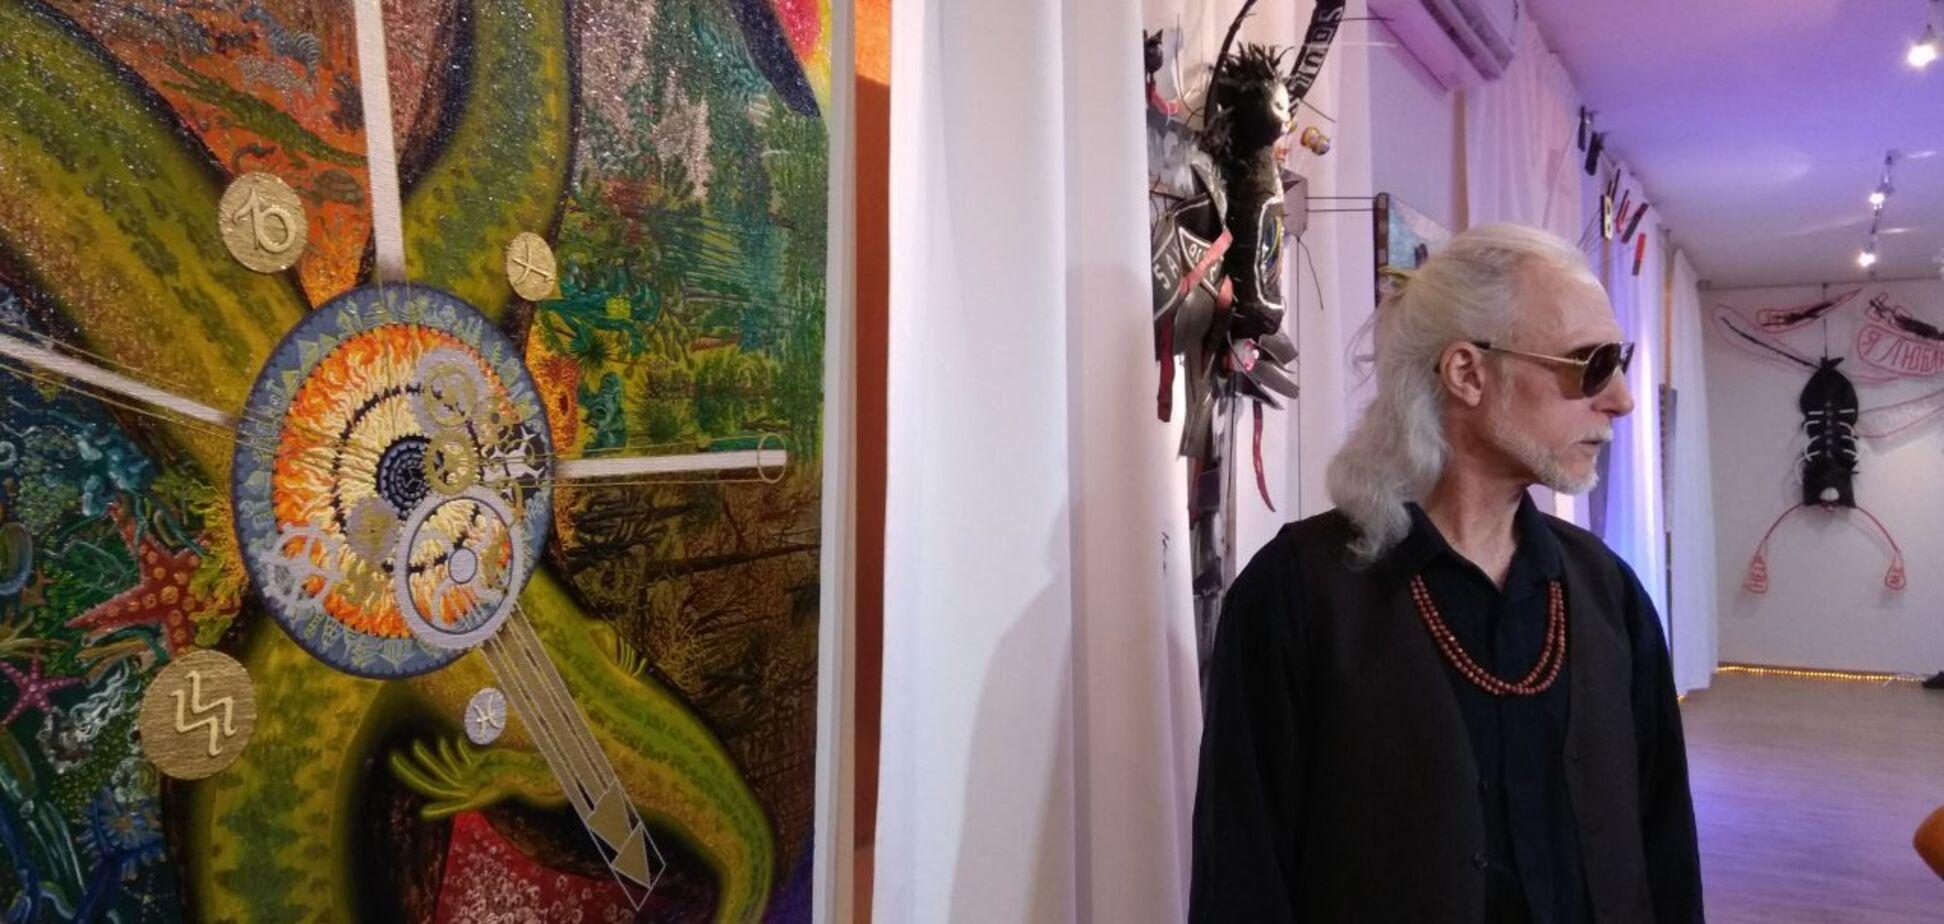 С кнутами и сосисками: в Днепре открылся фестиваль сюрреализма